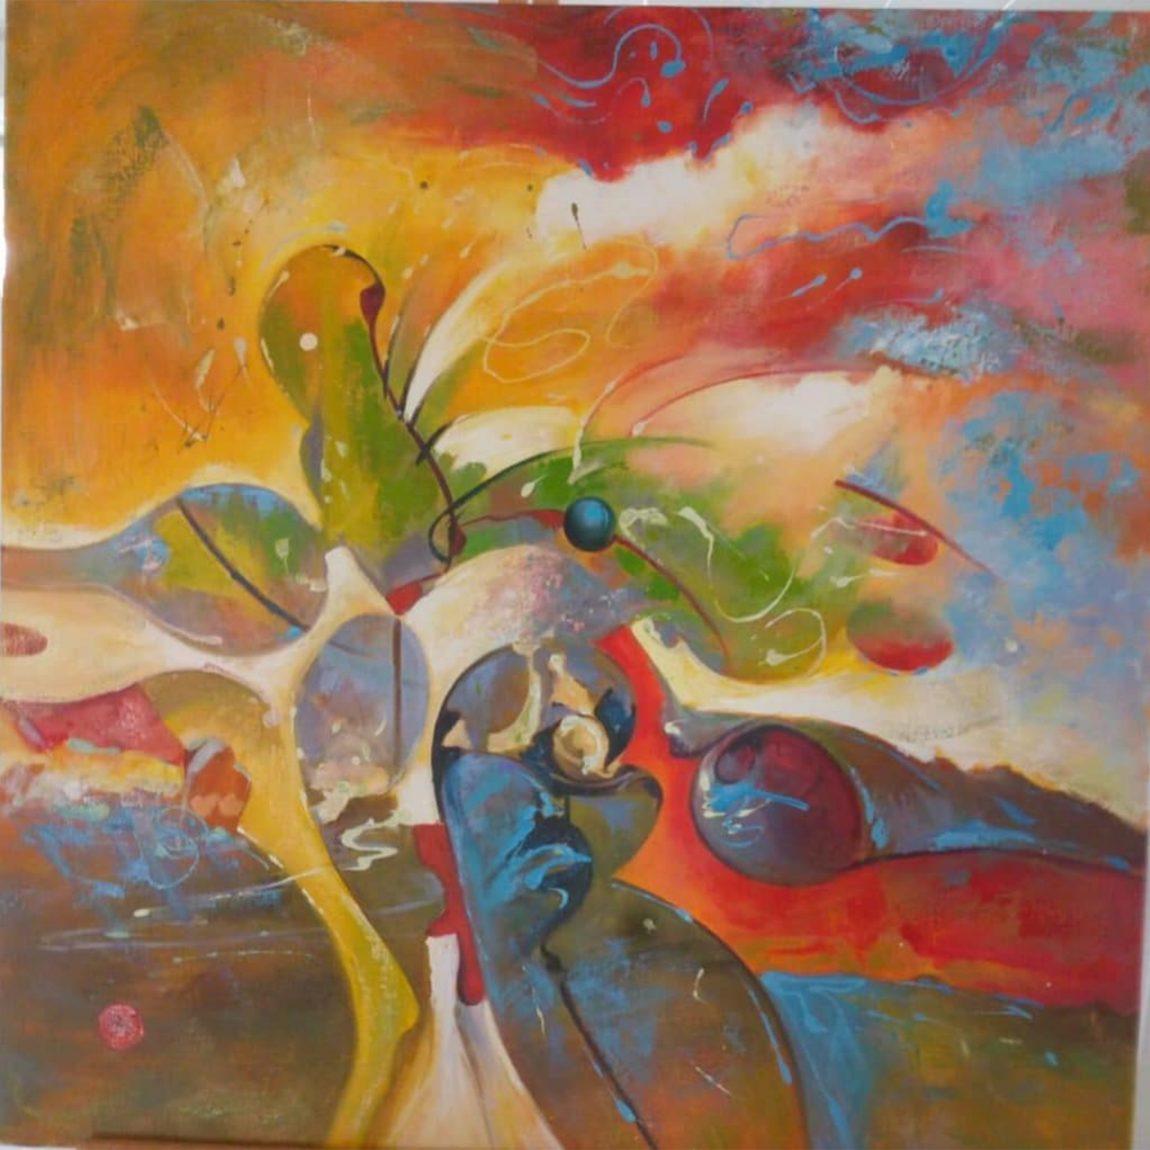 Yıldırım Onur Erdiren - Eser Adı : Soyut Kompozisyon Teknik: Yağlı Boya Ölçü: 80 x 80 cm Fiyat : 1.770 TL